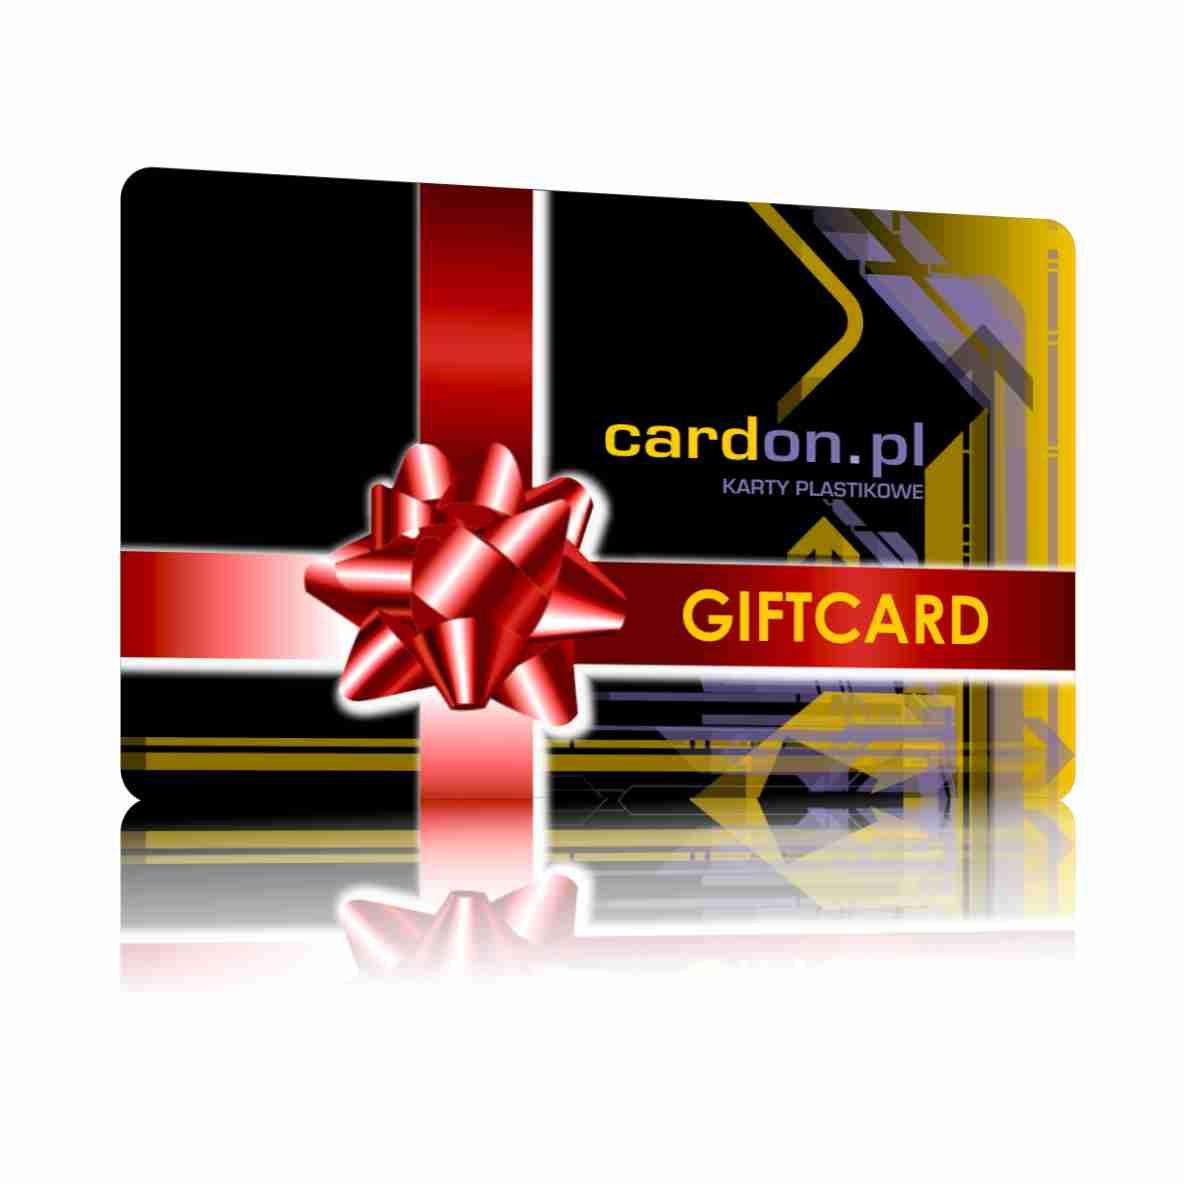 Karty plastikowe sklep - Karty prezentowe/ Karty podarunkowe/Voucher